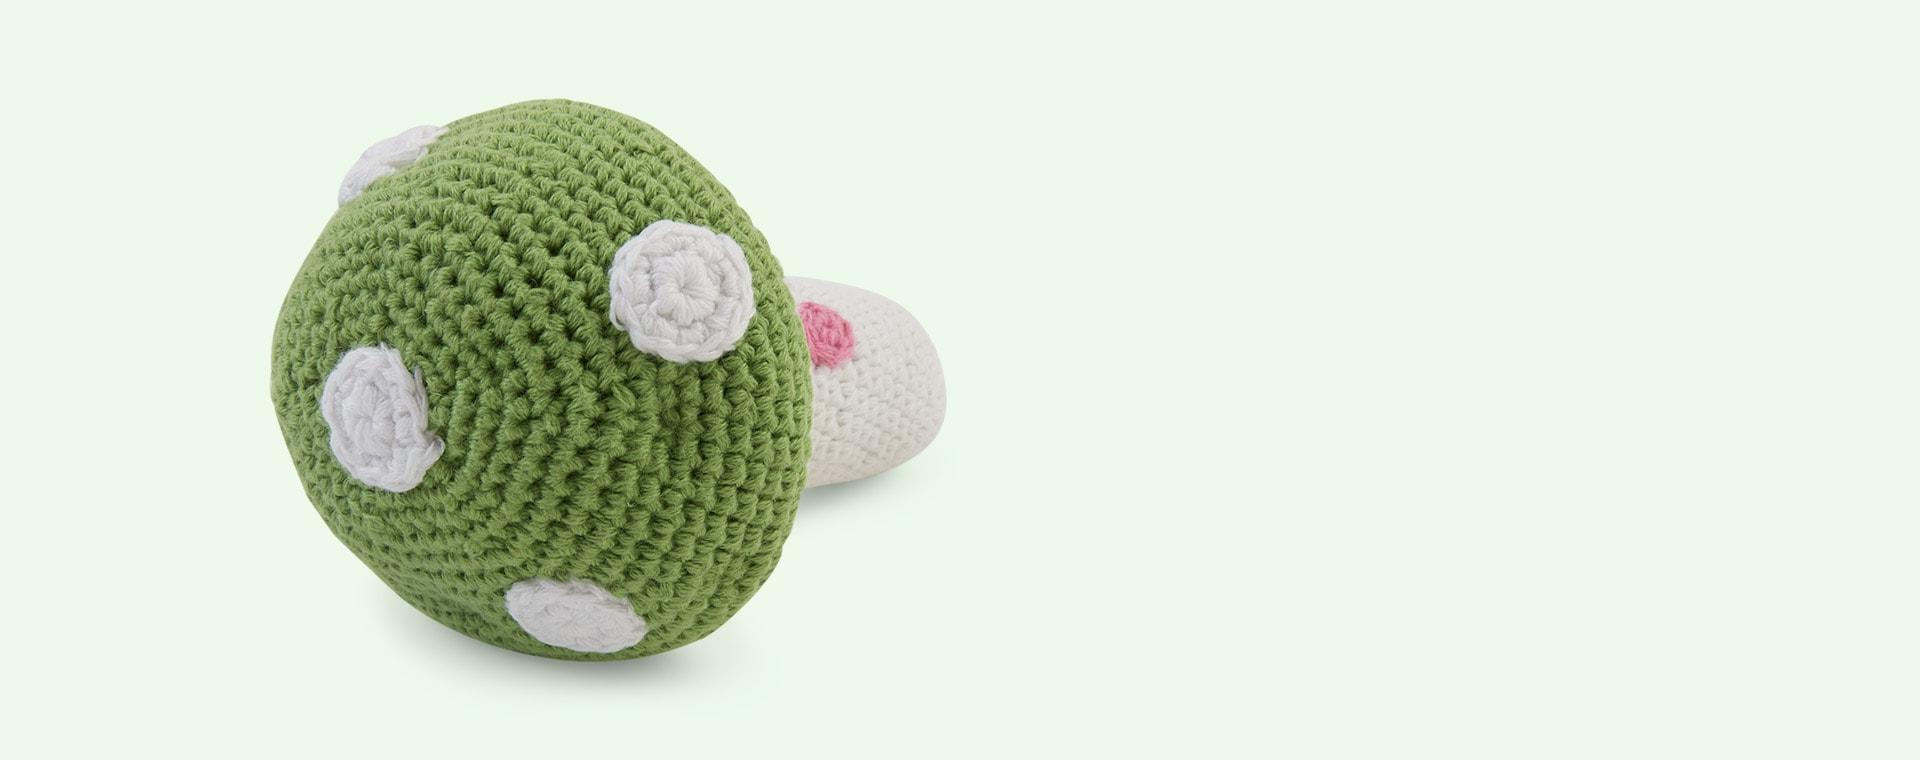 Green Pebble Crochet Friendly Toadstool Baby Rattle